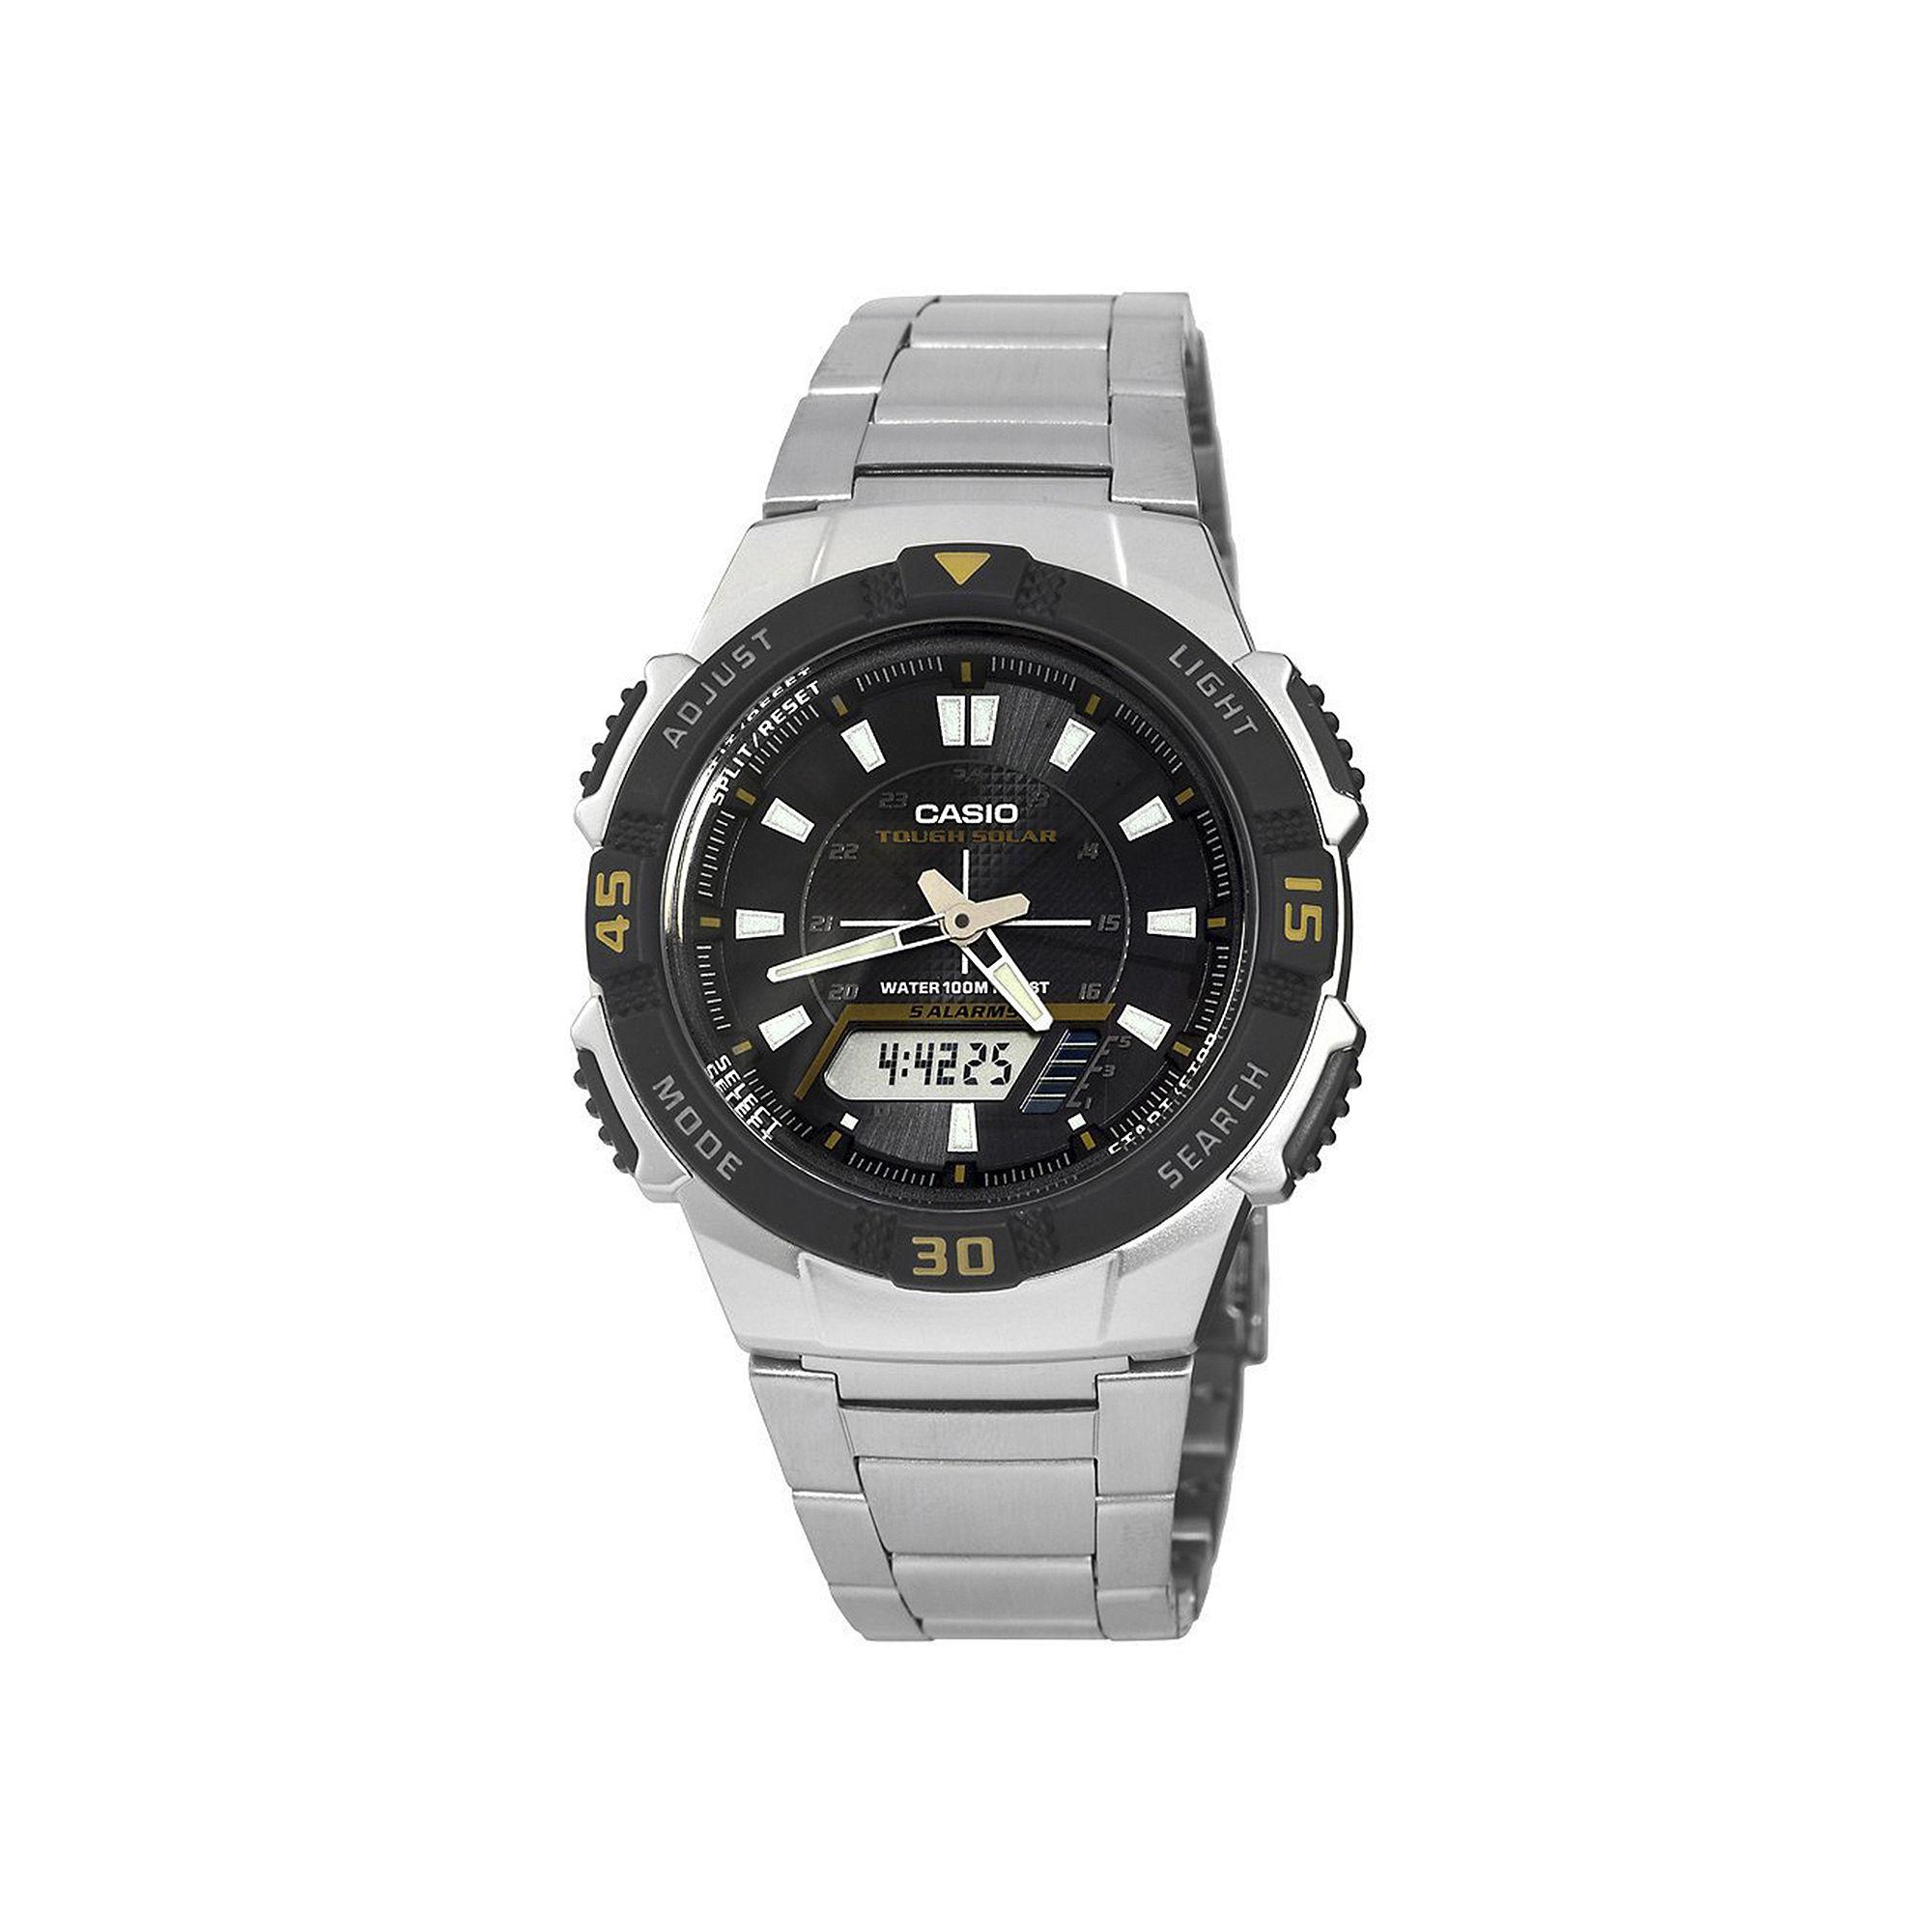 Casio Mens Analog-Digital Solar Watch AQ-S800WD-1EV